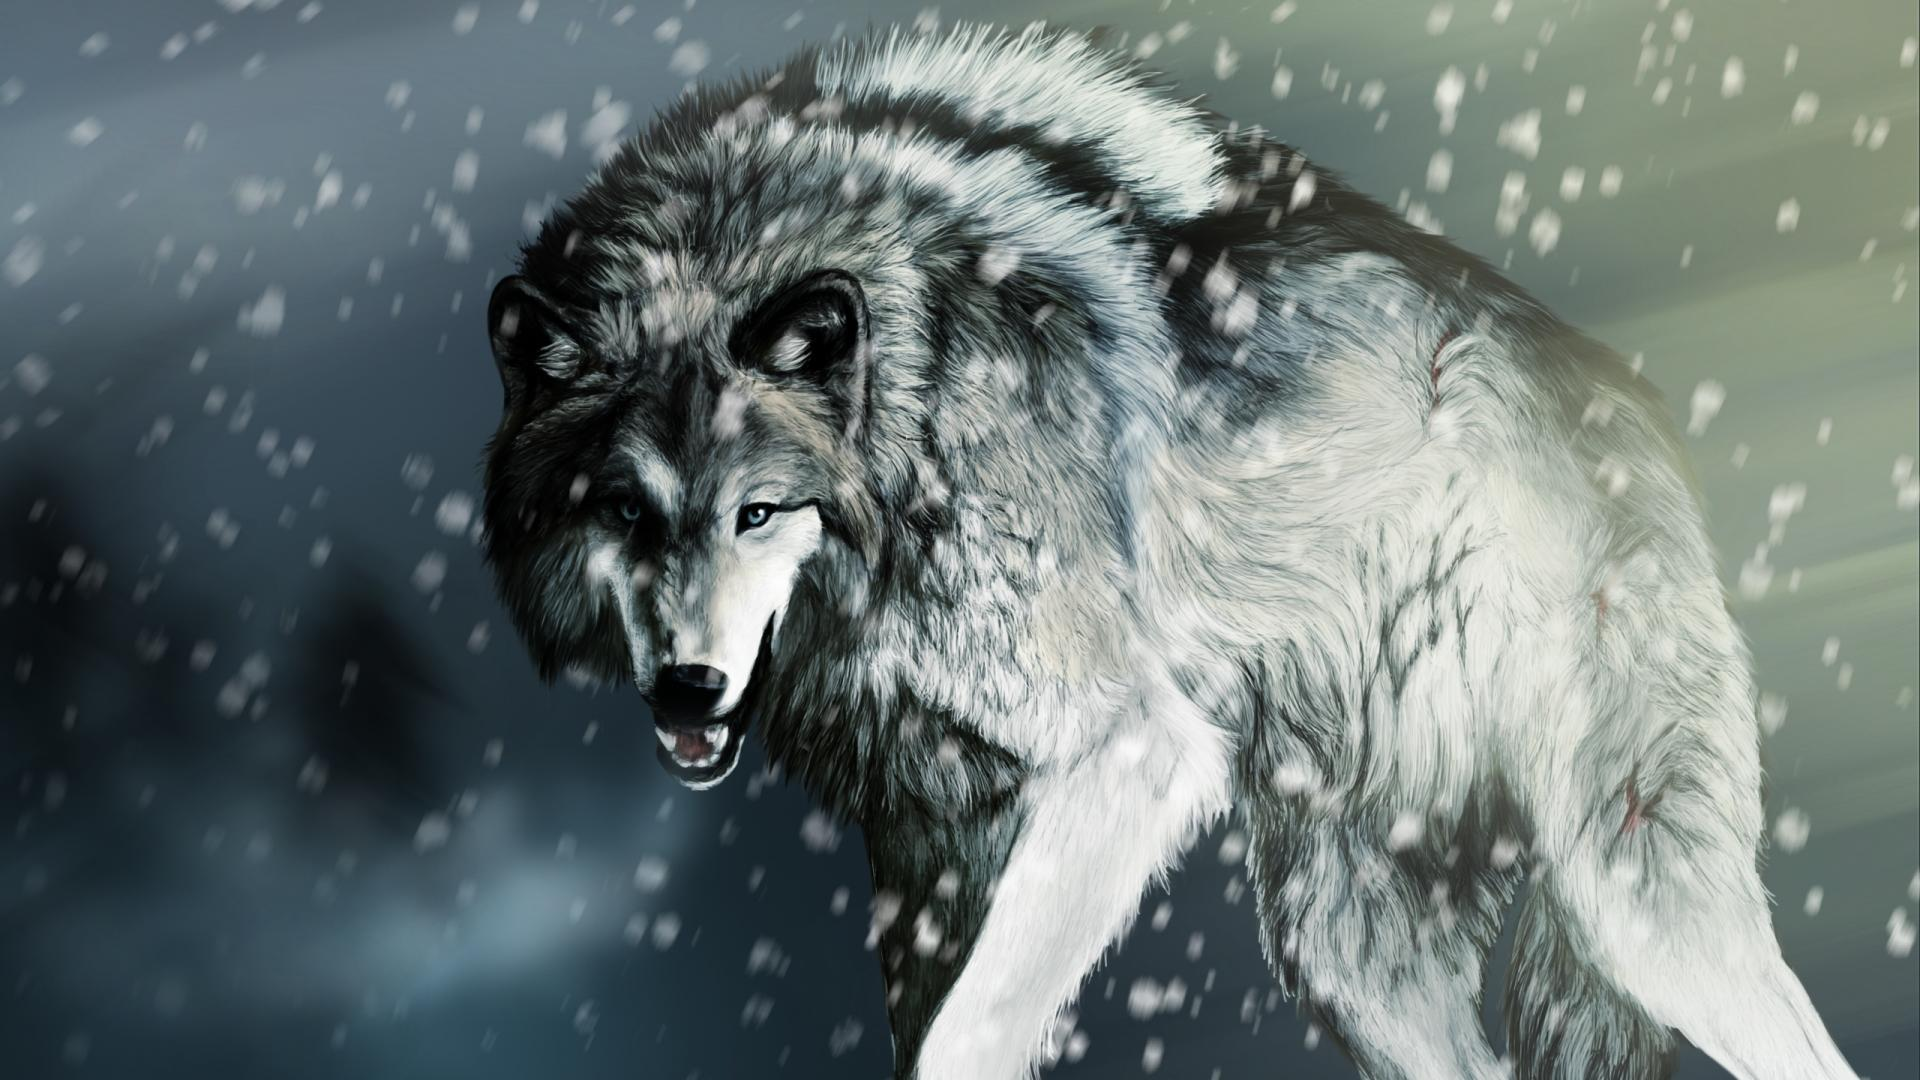 Wolf wallpaper 1920x1080 40969